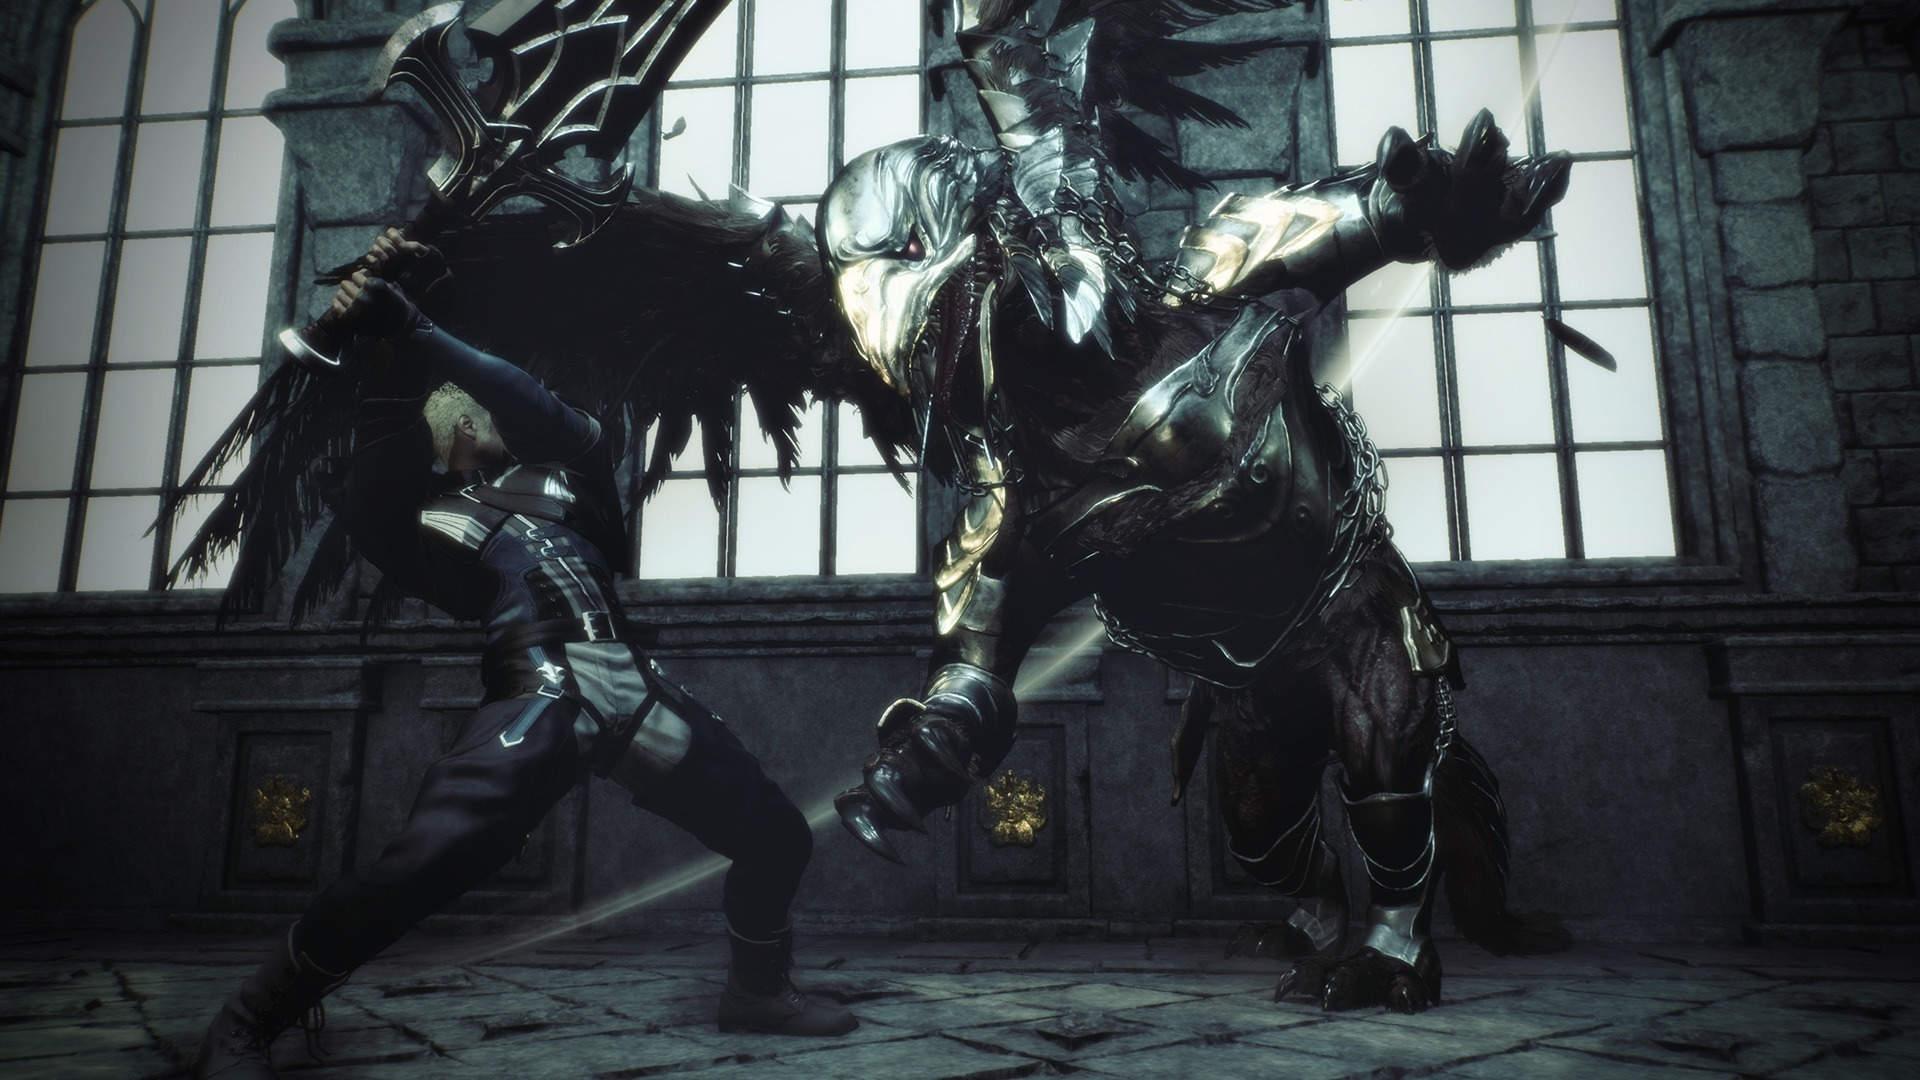 《最终幻想起源:天堂的陌生人》主创采访 新细